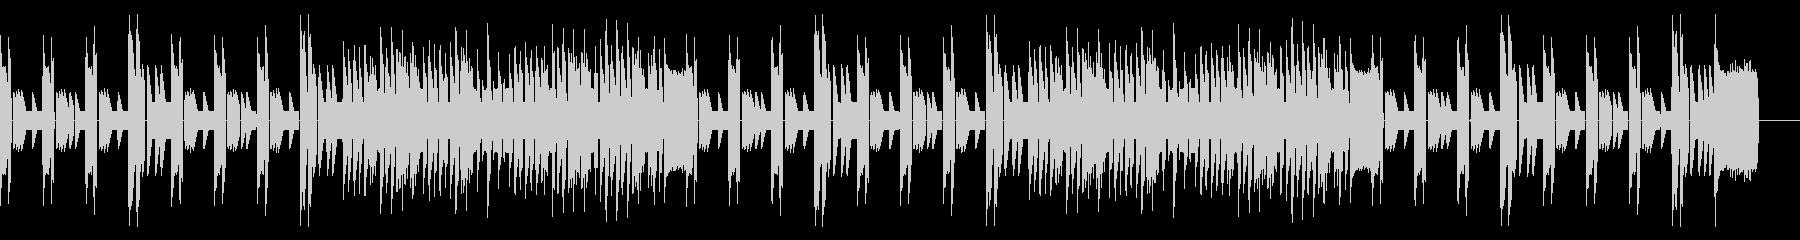 レトロシューティングゲームBGMの未再生の波形